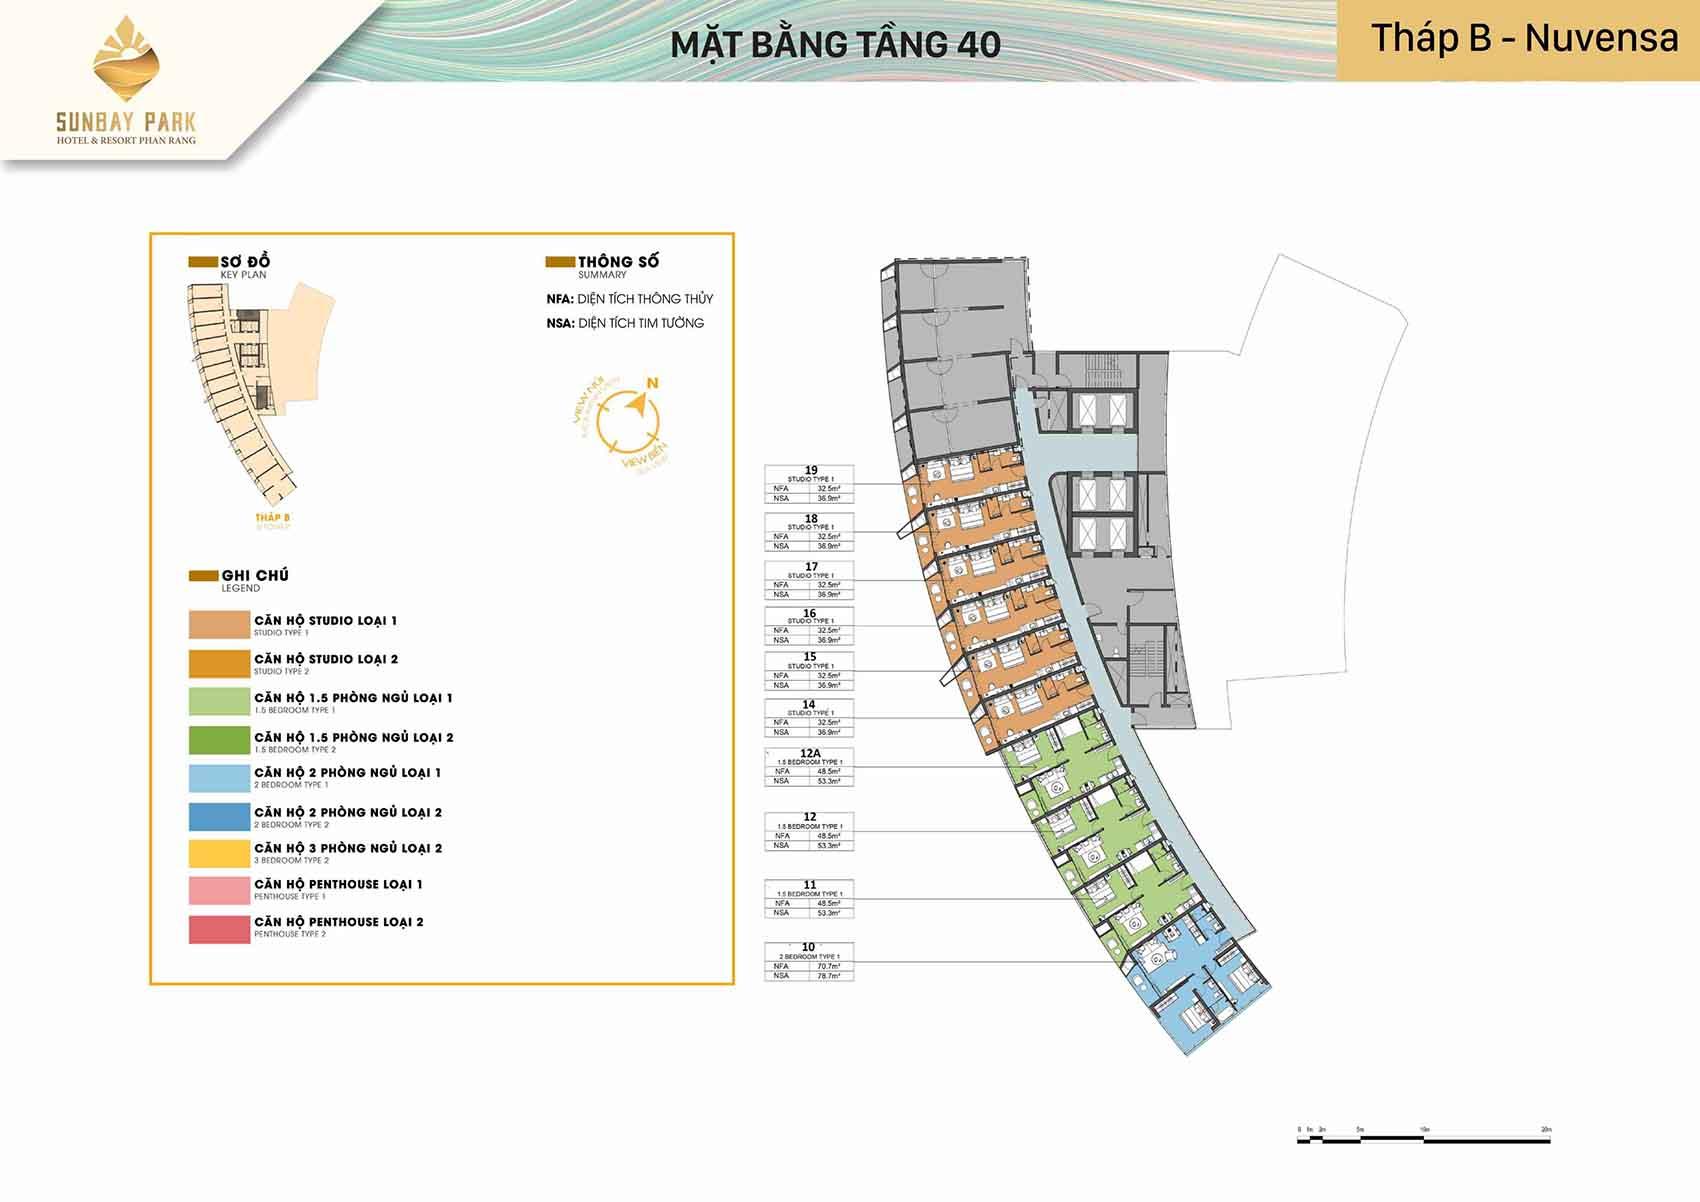 Mặt bằng thiết kế tòa B Nuvensa tầng 40 dự án Sunbay Park Phan Rang Ninh Thuận